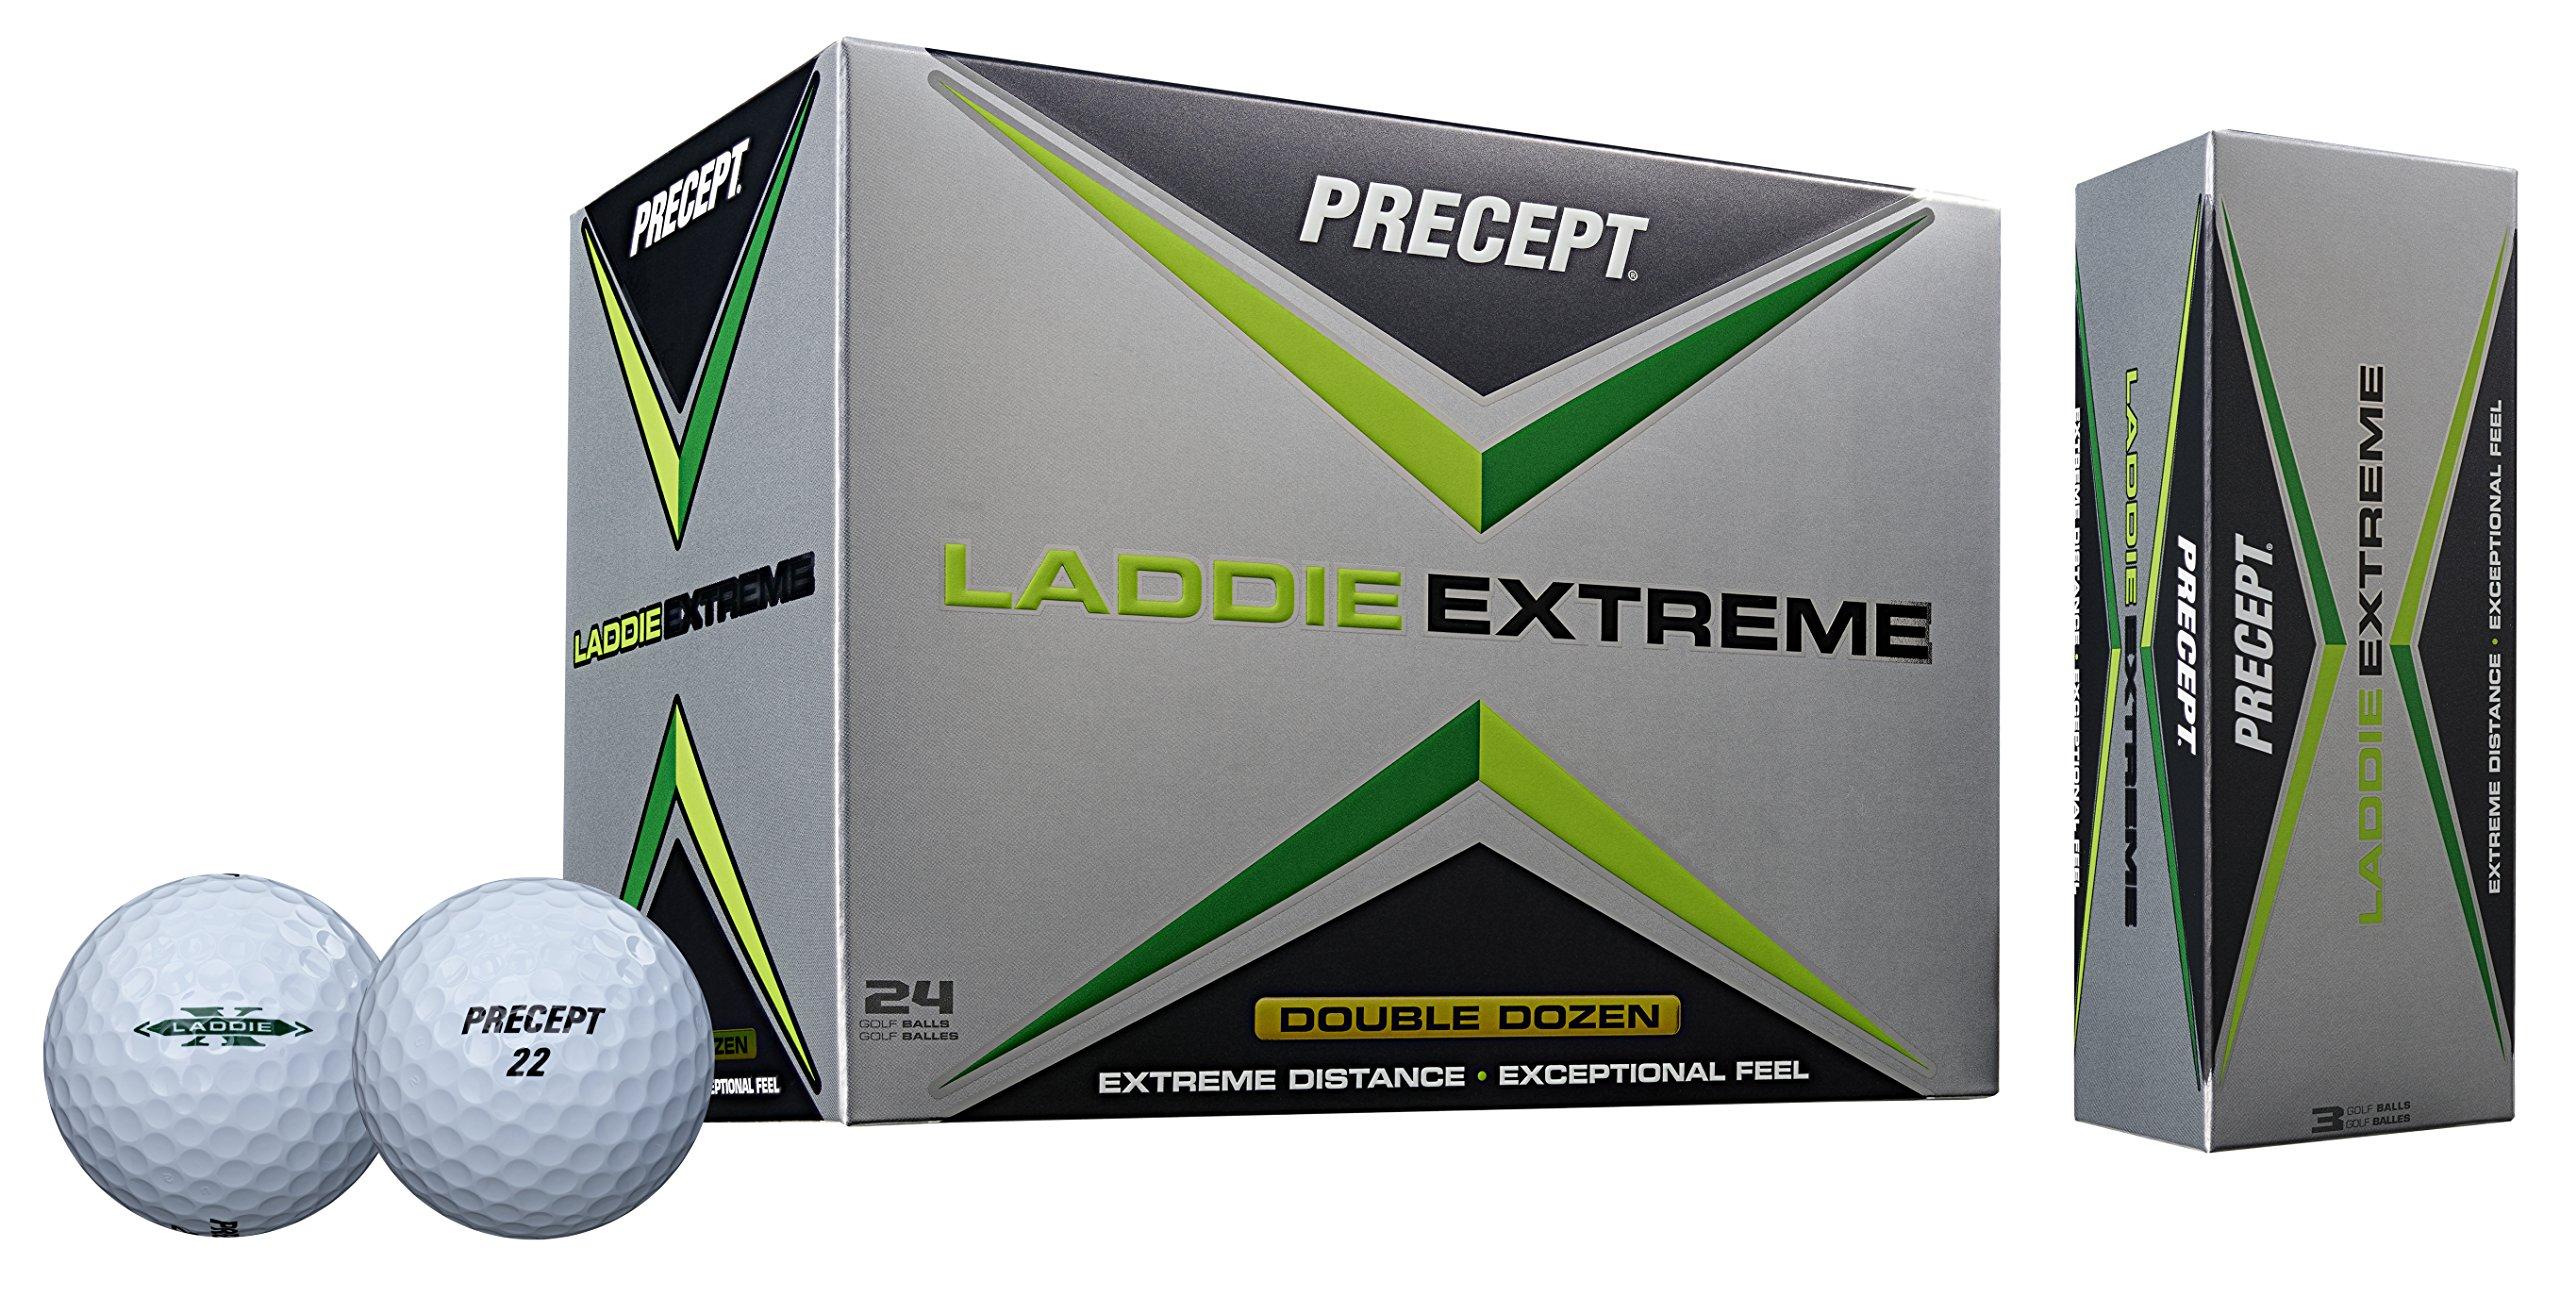 Precept 2017 Laddie Extreme Golf Balls (24 Balls), White by Precept